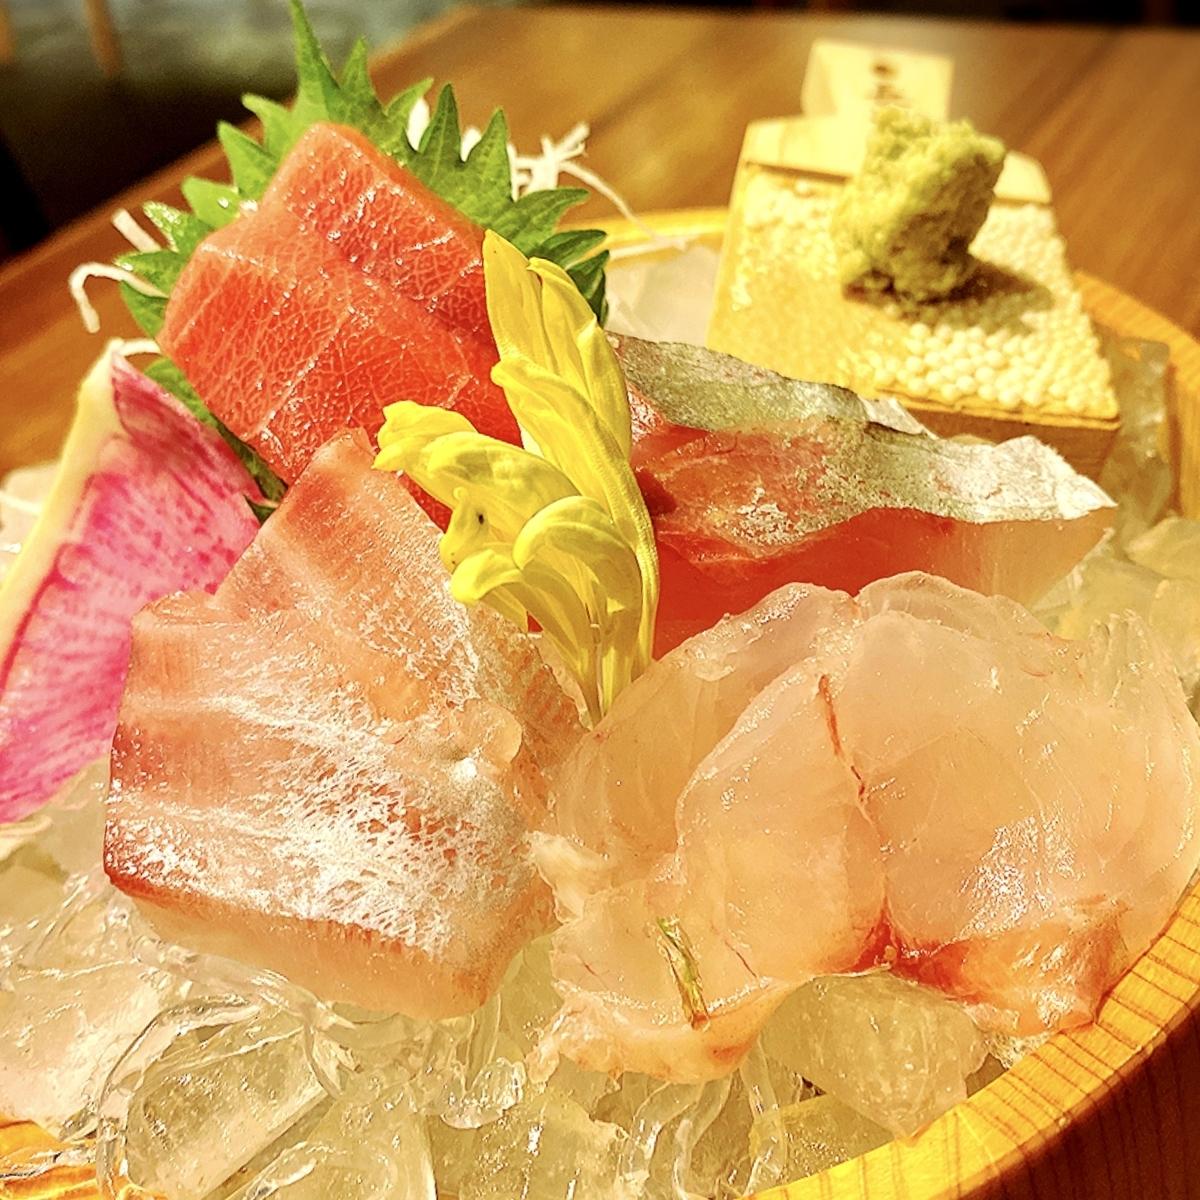 「横浜 酒槽(さかふね)」は海鮮系が抜群に美味いおすすめできる和食居酒屋だった